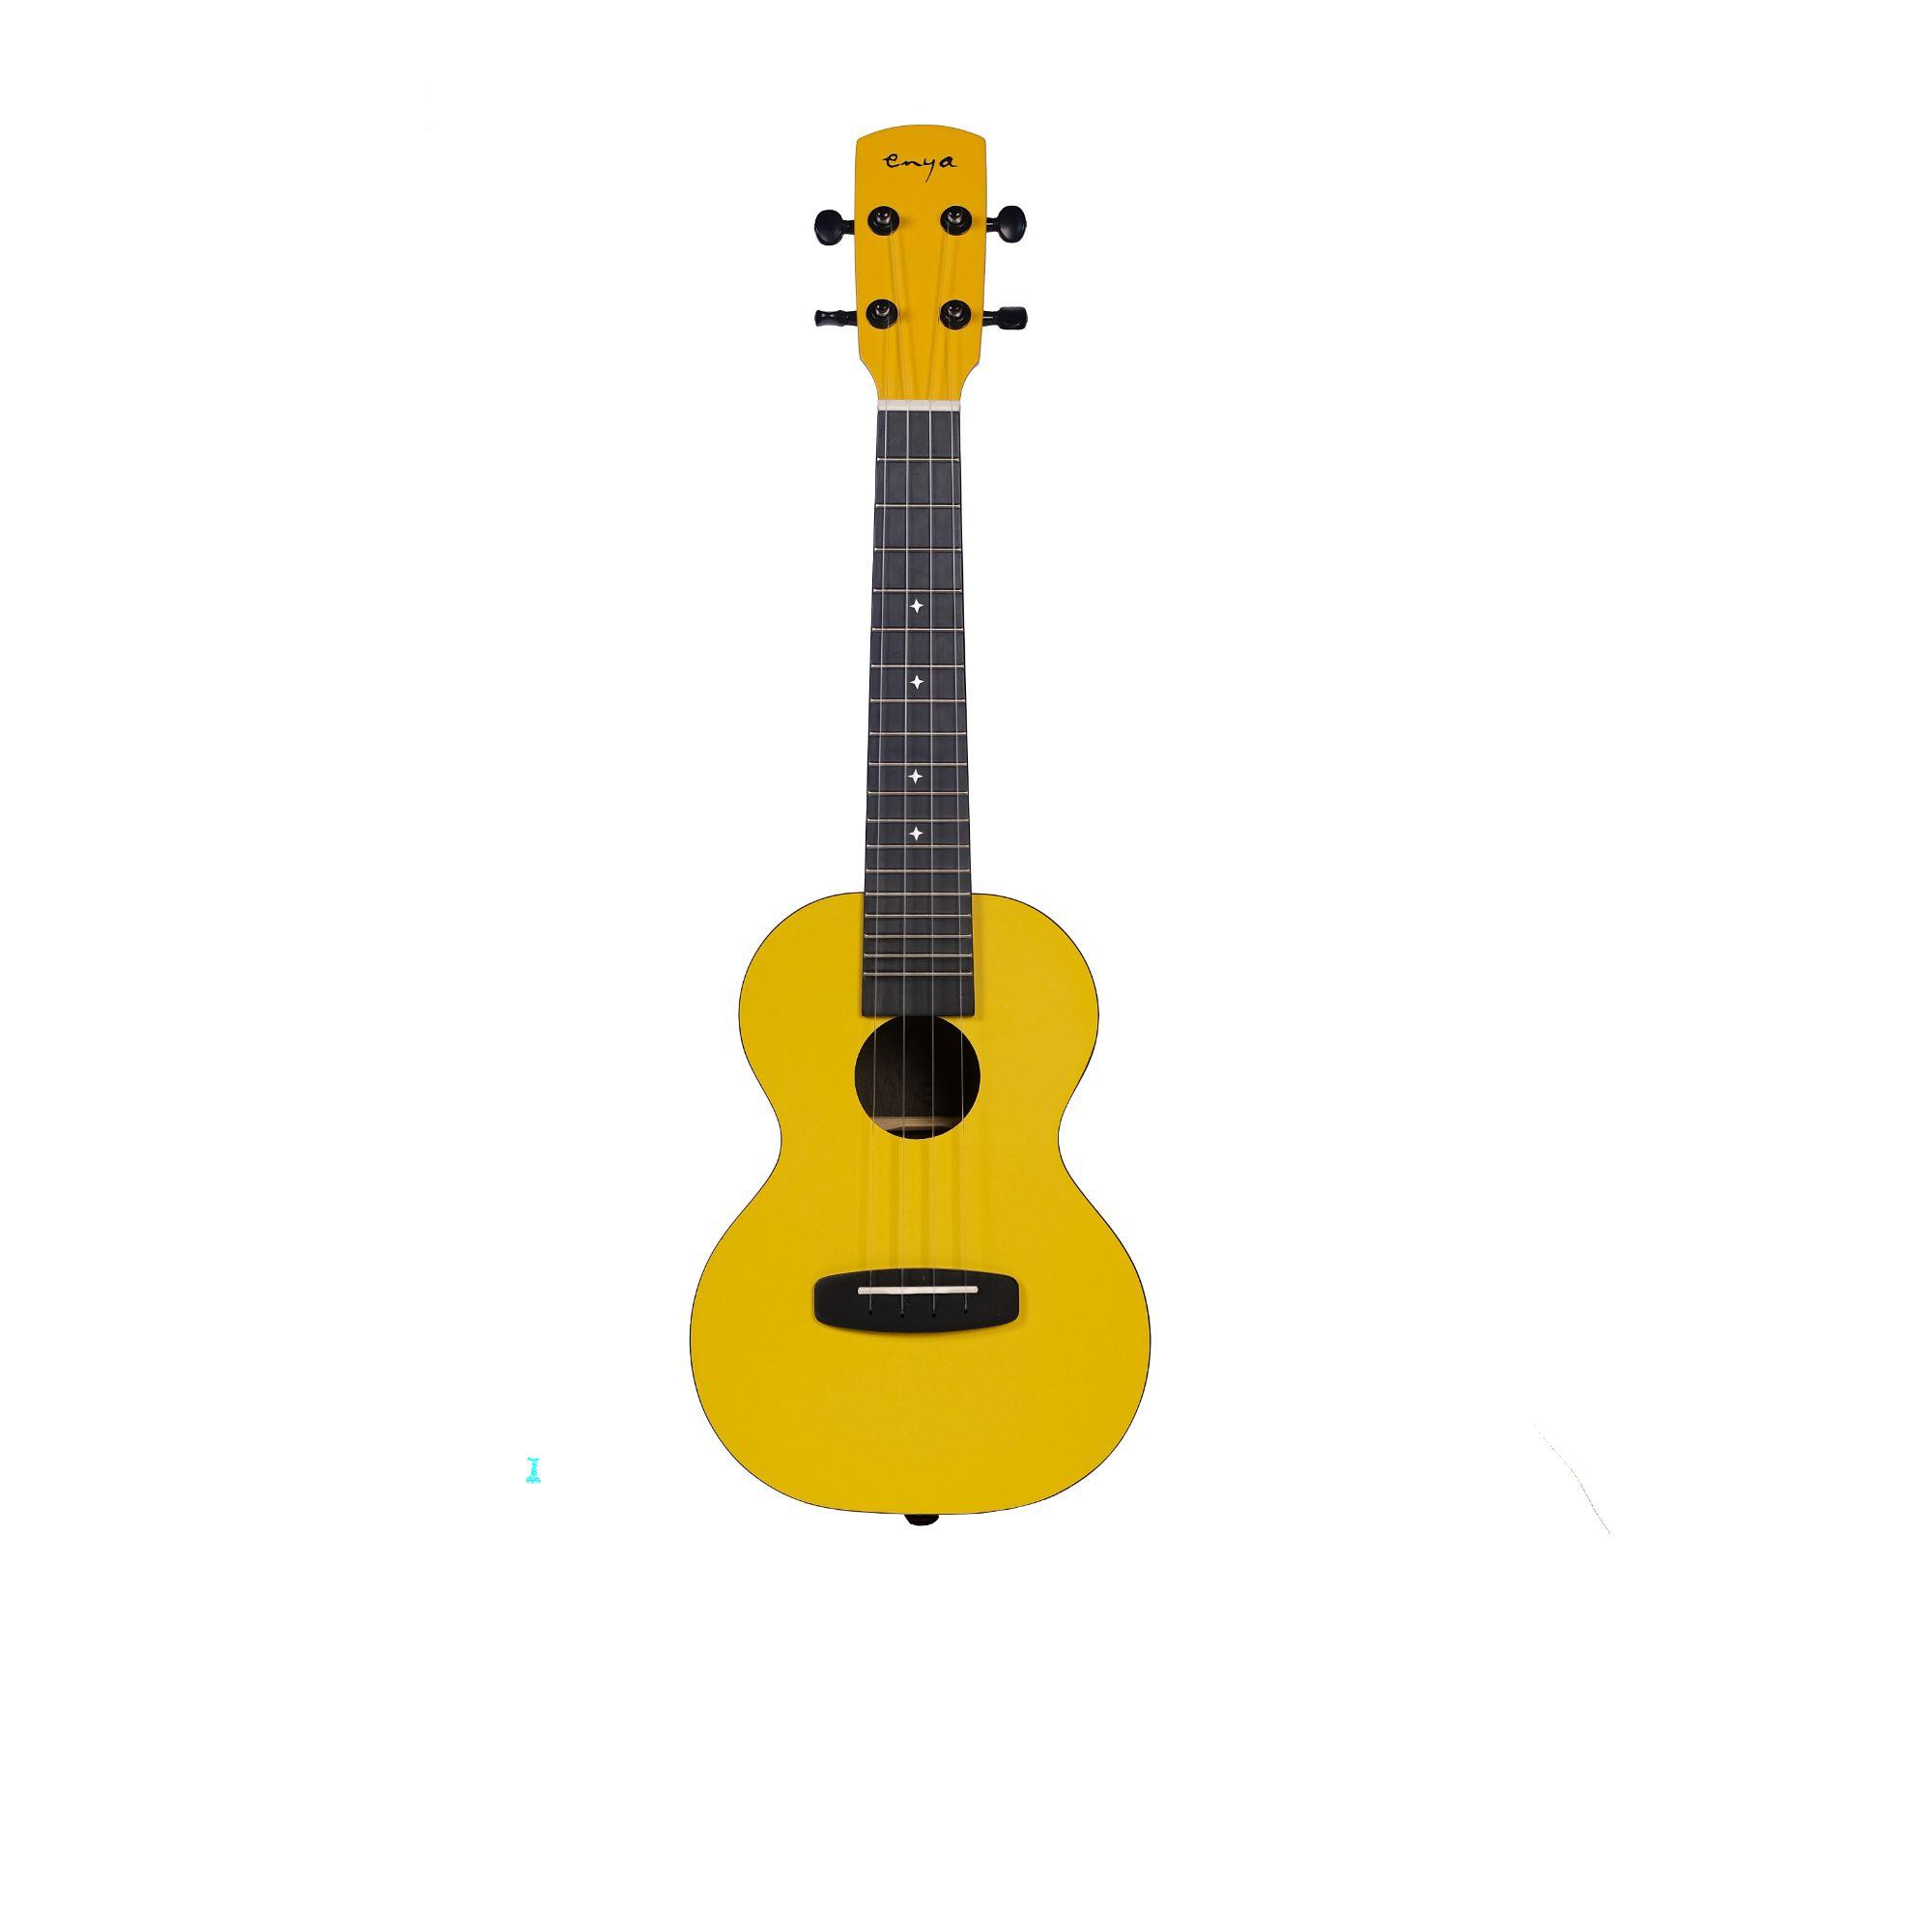 Enya  EUC YE  Concert All HPL Ukulele - Yellow Matt